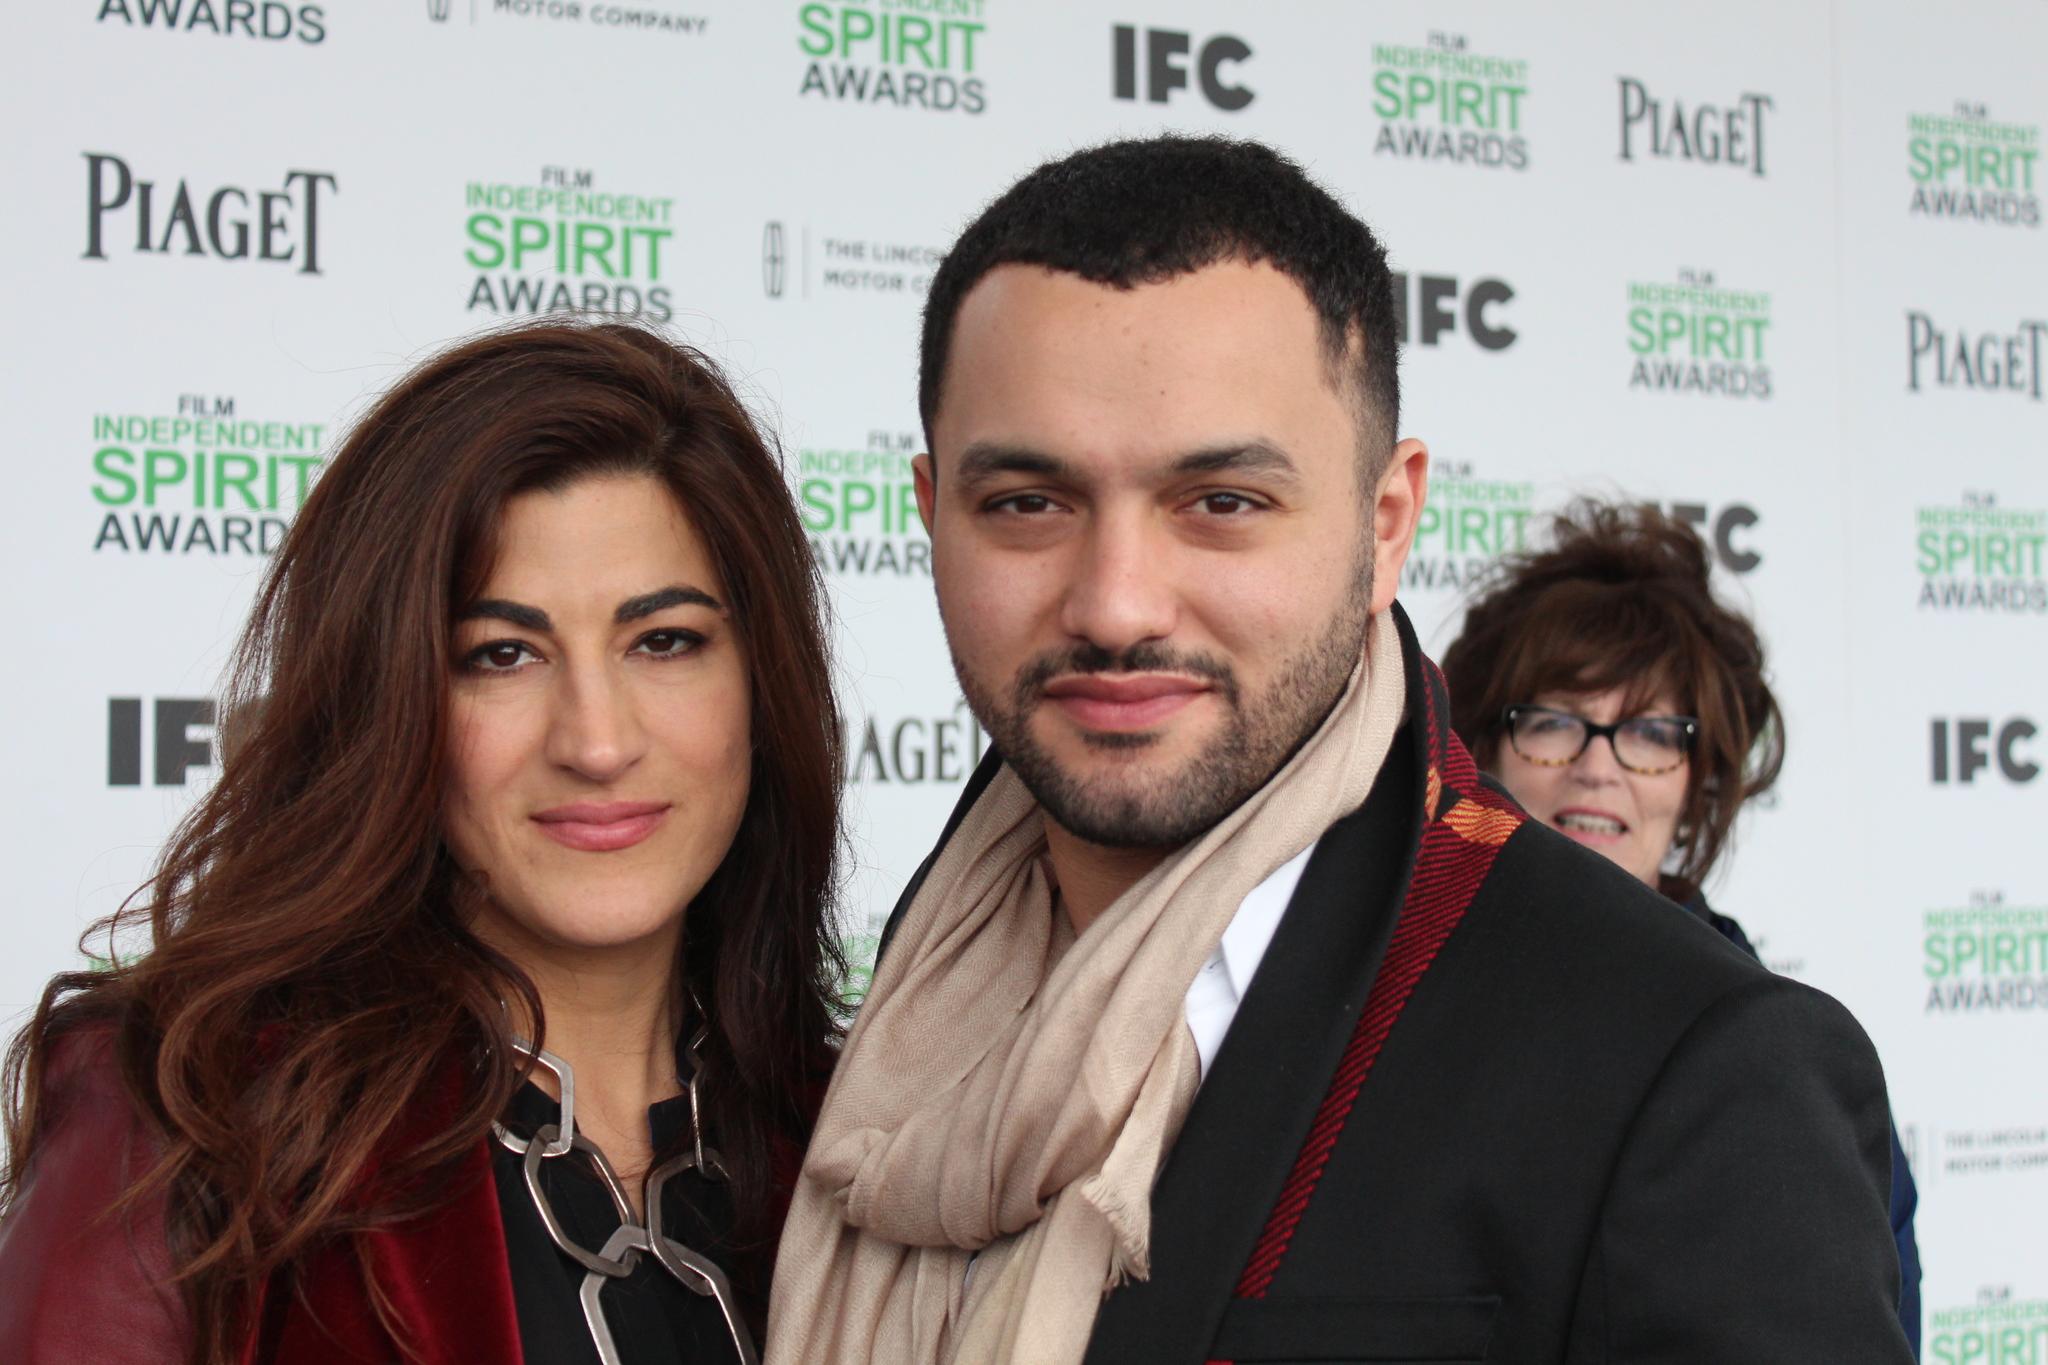 Jehane Noujaim and Karim Amer